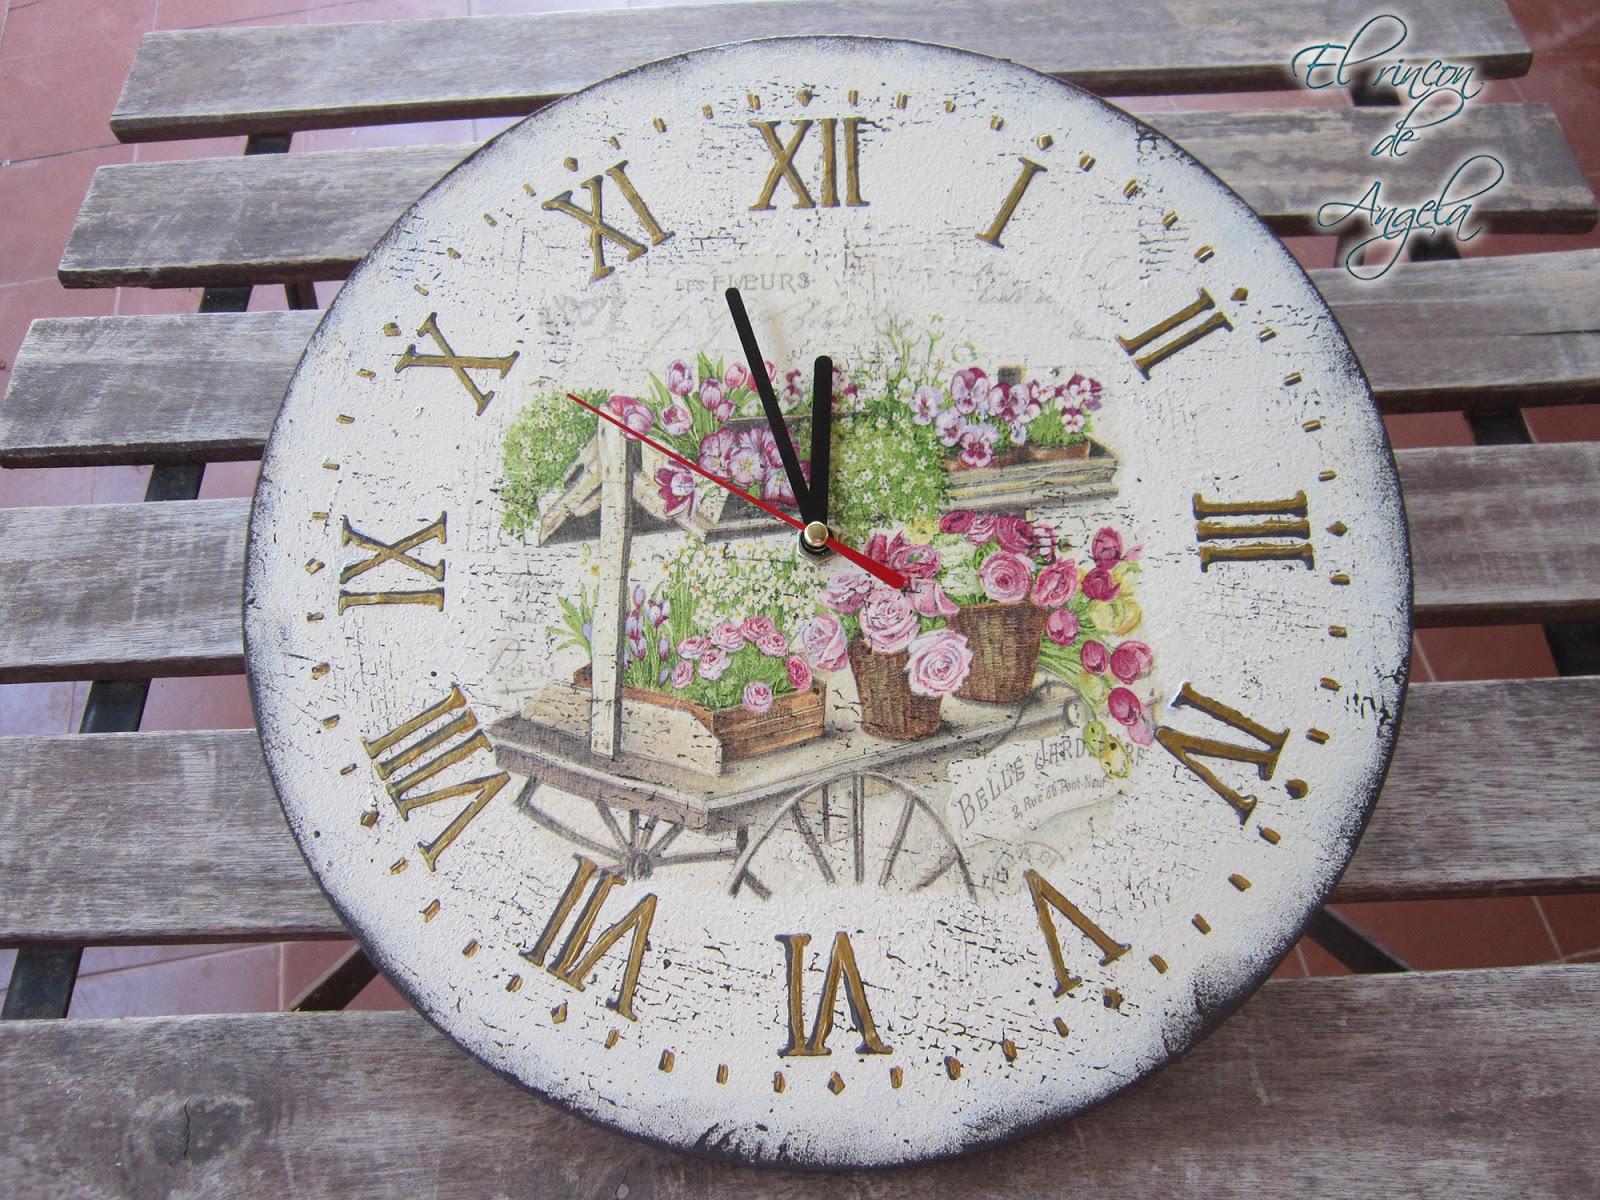 El Rincon De Angela Como Decorar Un Reloj De Madera Estilo Vintage - Como-decorar-madera